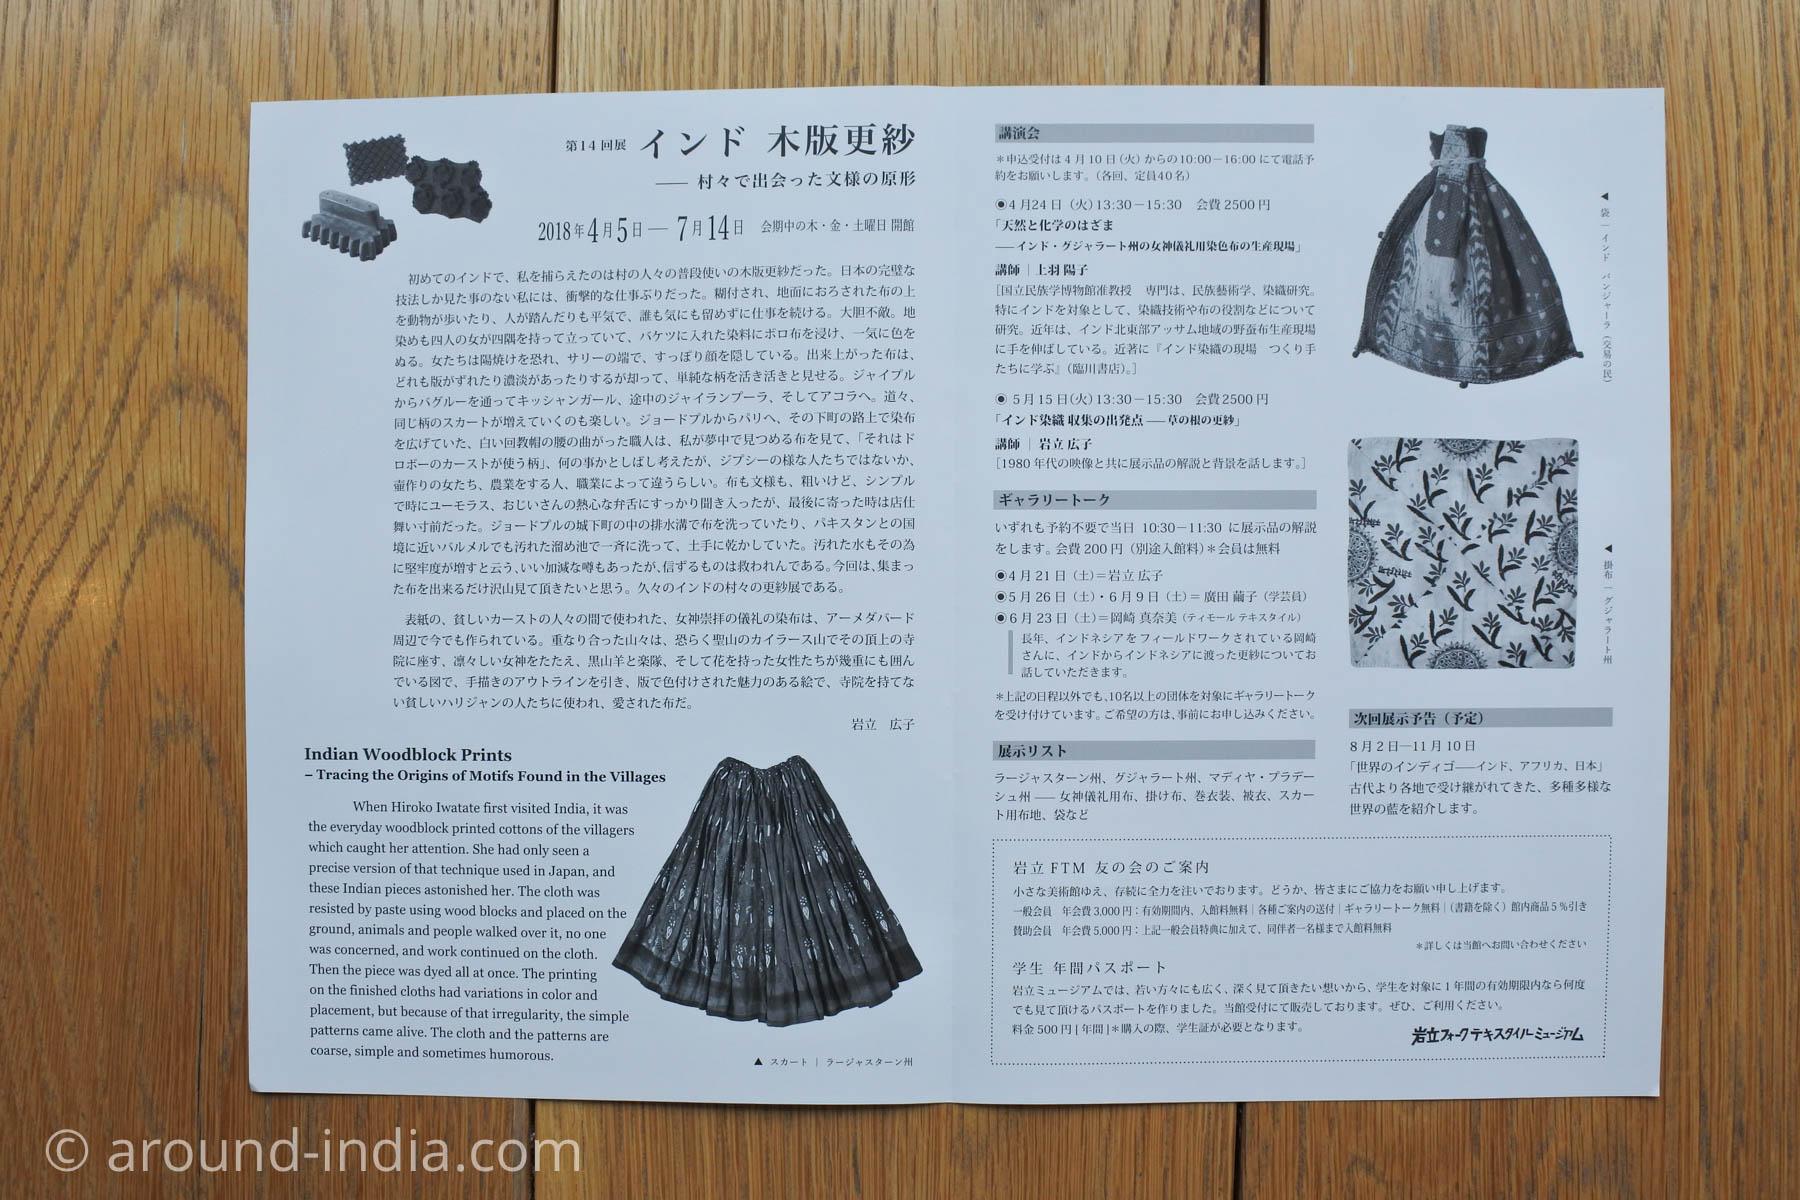 岩立フォークテキスタイルミュージアム インド木版更紗展チラシ裏